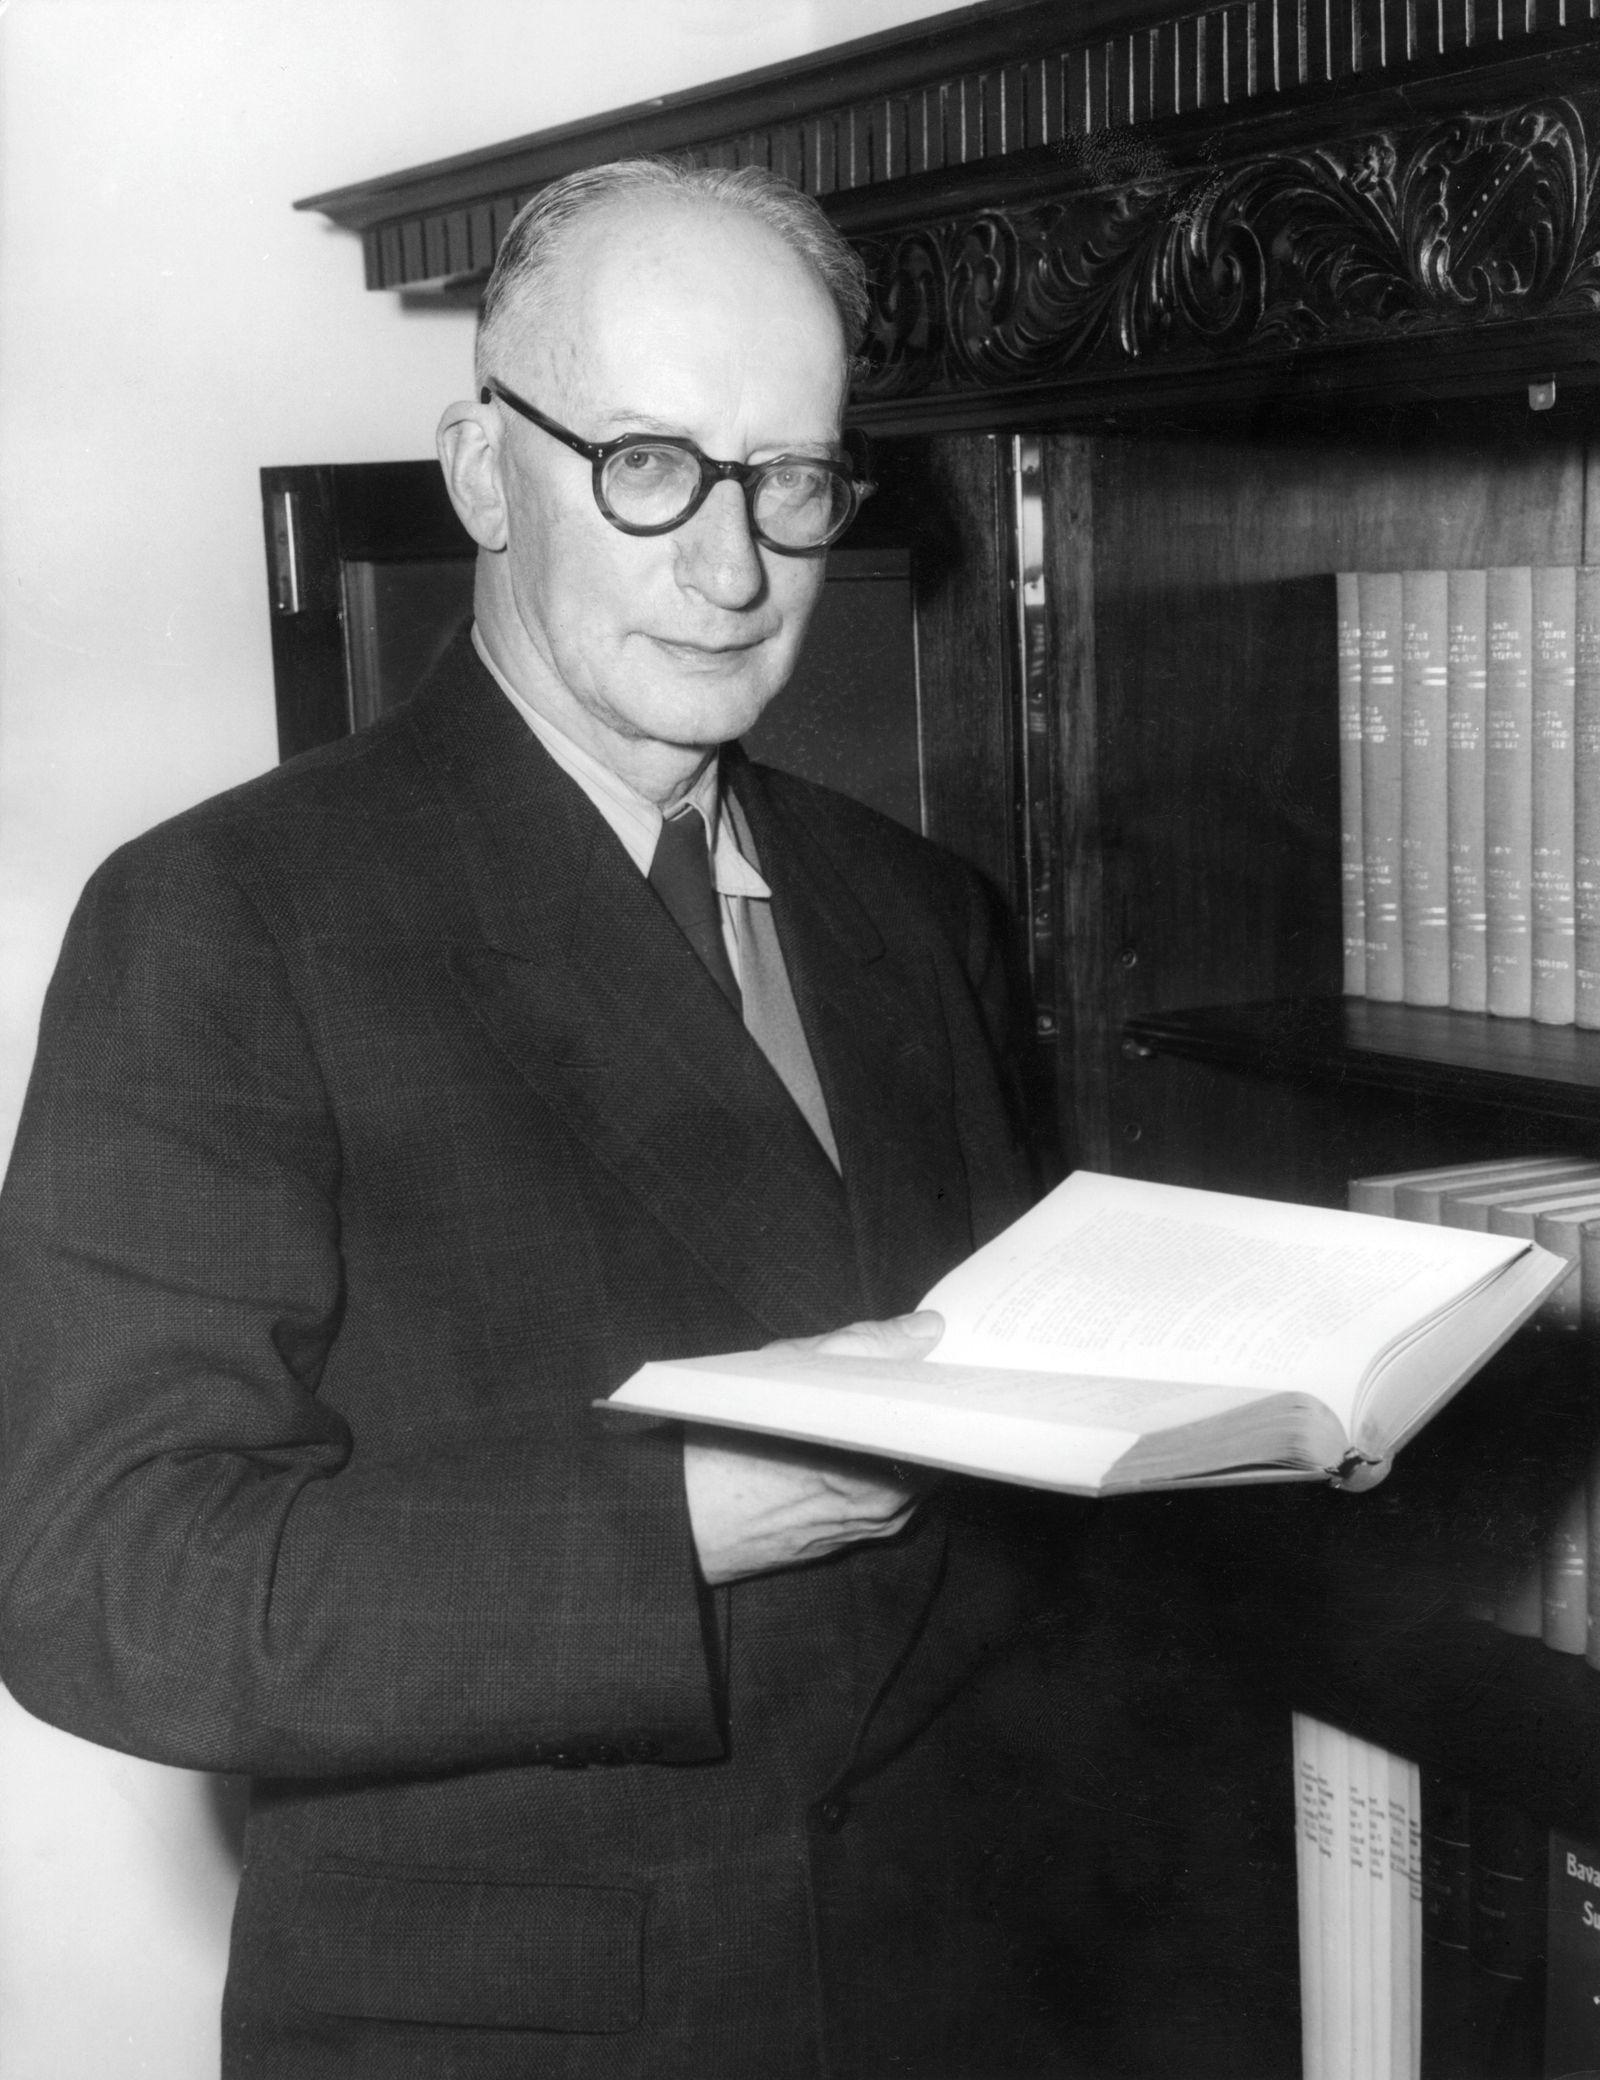 Joseph Wintrich